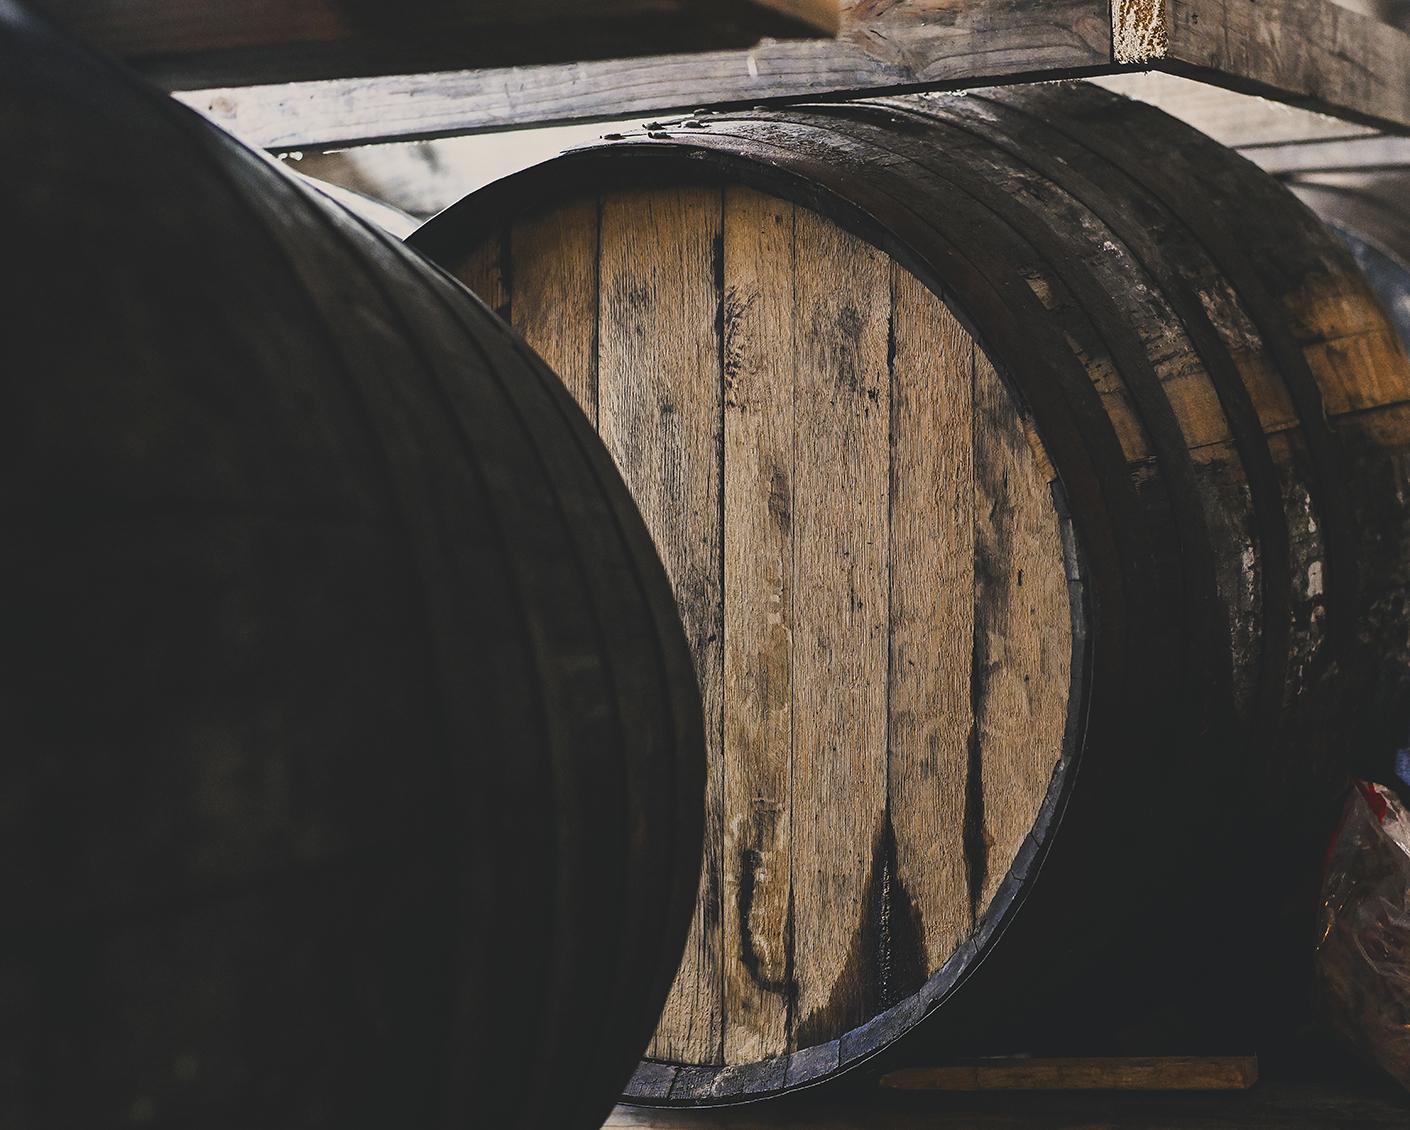 barrels_5.jpg